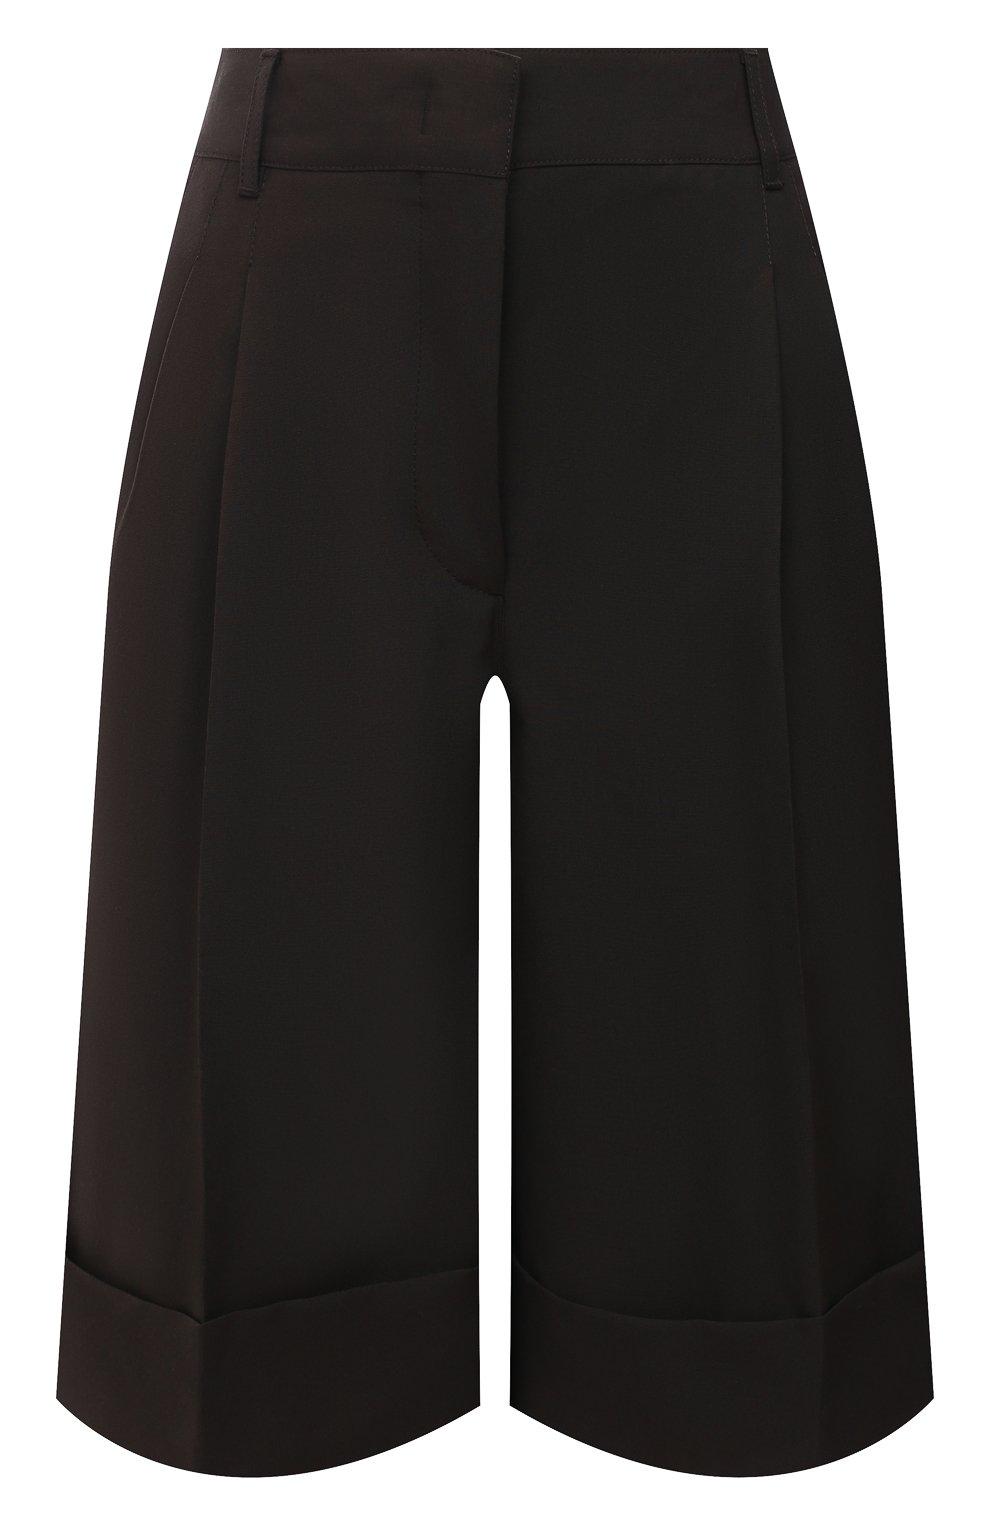 Женские шерстяные шорты CASASOLA коричневого цвета, арт. TRS-D-LUCA/W00L | Фото 1 (Женское Кросс-КТ: Шорты-одежда; Материал внешний: Шерсть; Кросс-КТ: Широкие; Длина Ж (юбки, платья, шорты): До колена; Стили: Кэжуэл)